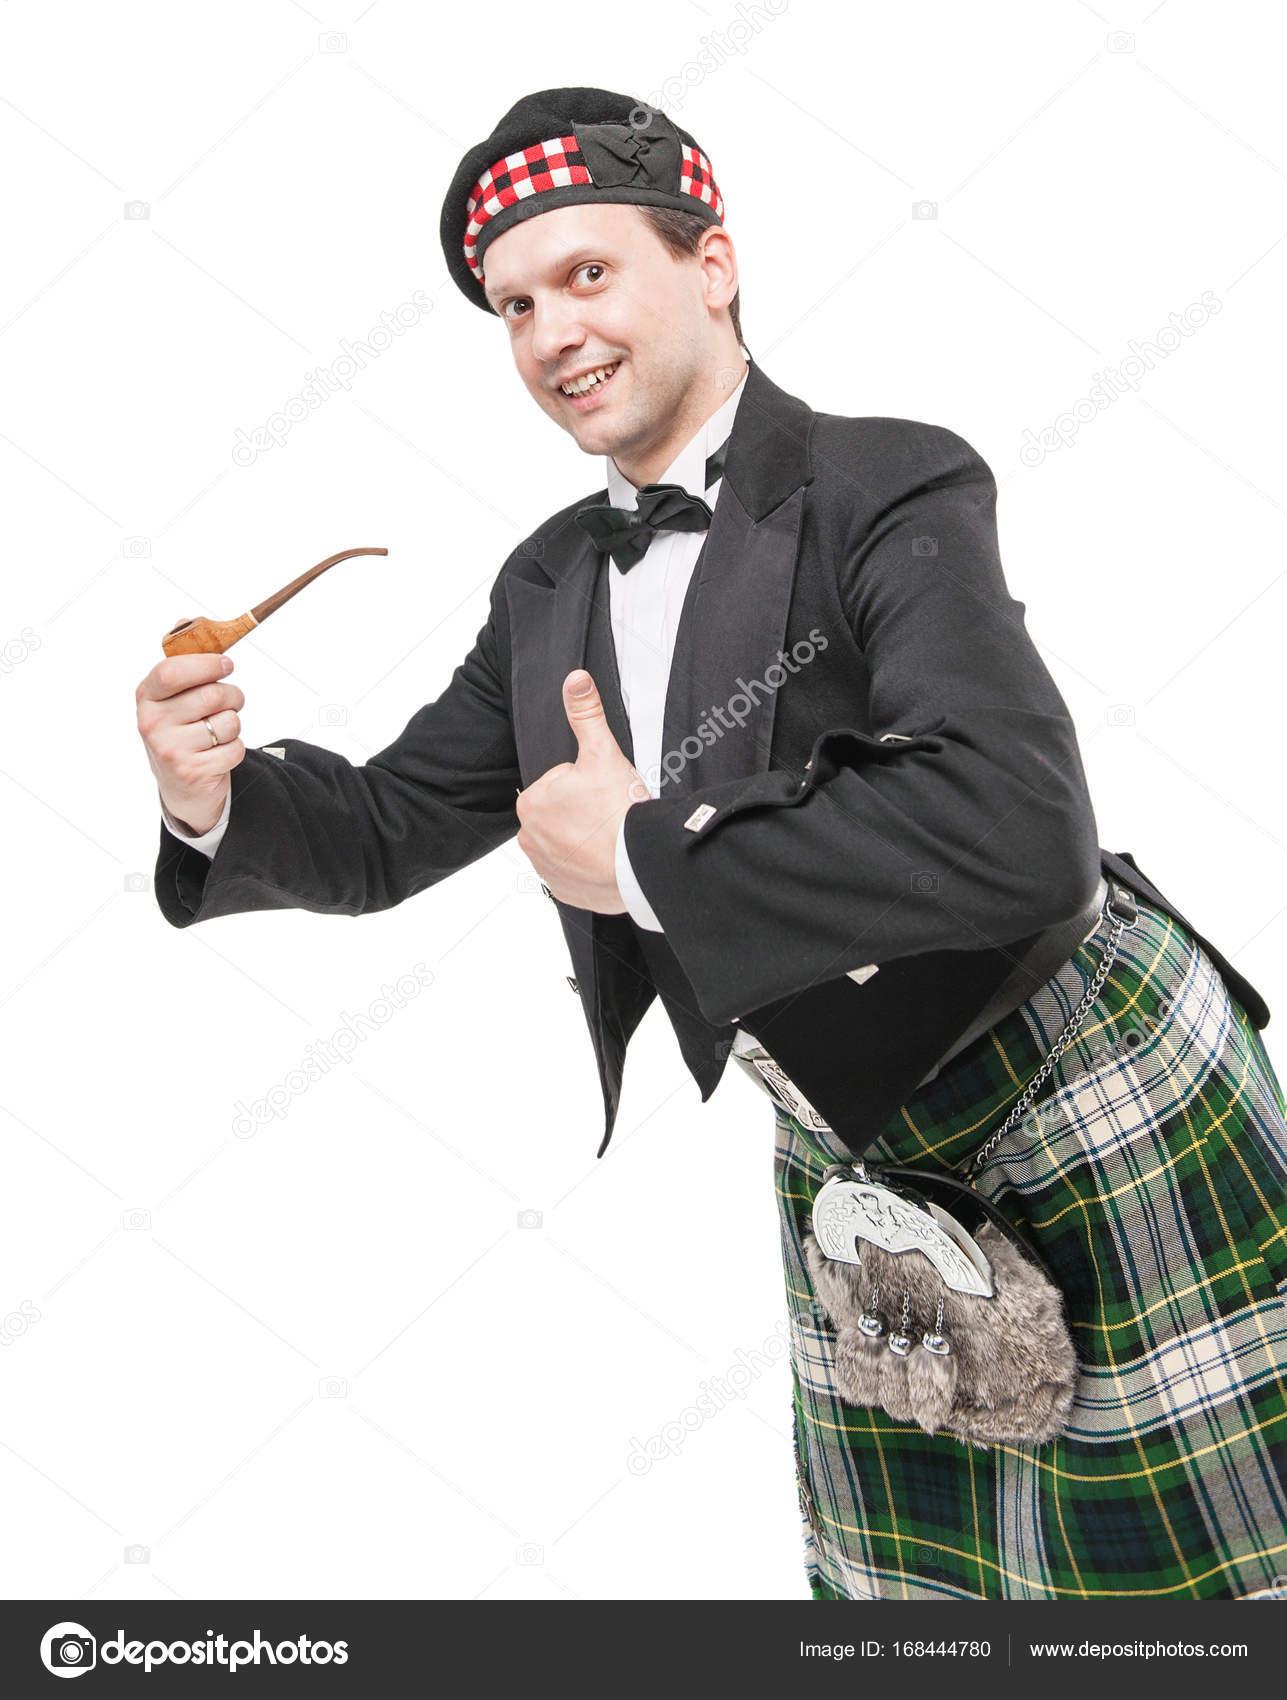 Εκτελώντας μια πίπα